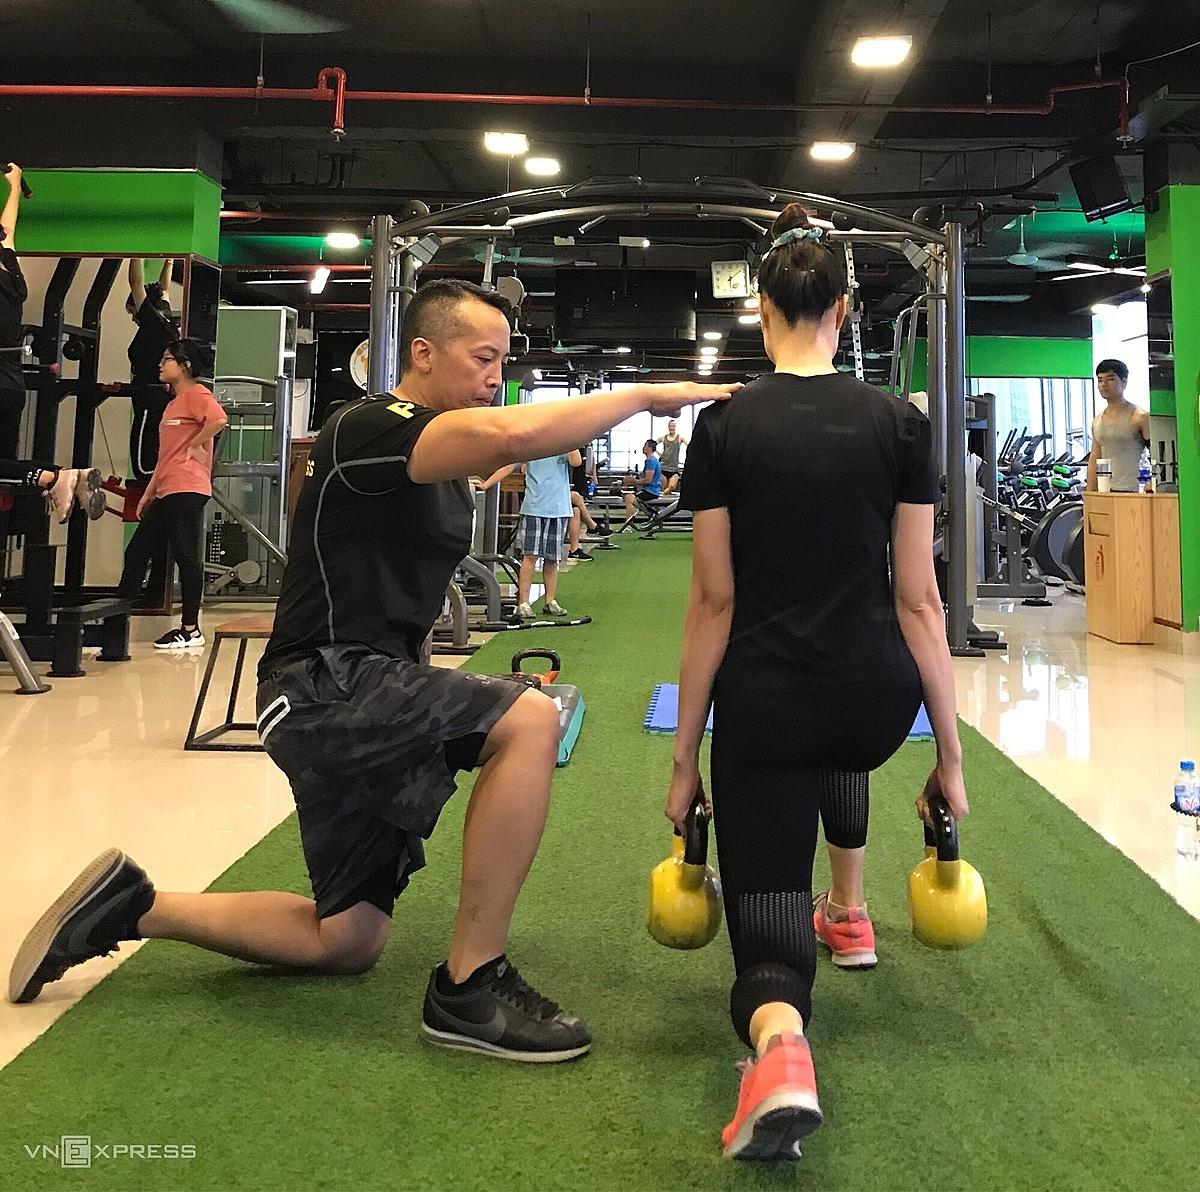 Trần Quang Anh (trái) hướng dẫn học viên tại một CLB Gym tại Tây Hồ, Hà Nội. Anh rất thích không gian trong phòng gym, bởi khi còn là hướng dẫn viên, phòng tập cũng là nơi anh hay lui tới để rèn luyện sức khỏe vào những mùa thấp điểm hay ngày nghỉ. Ảnh: NVCC.